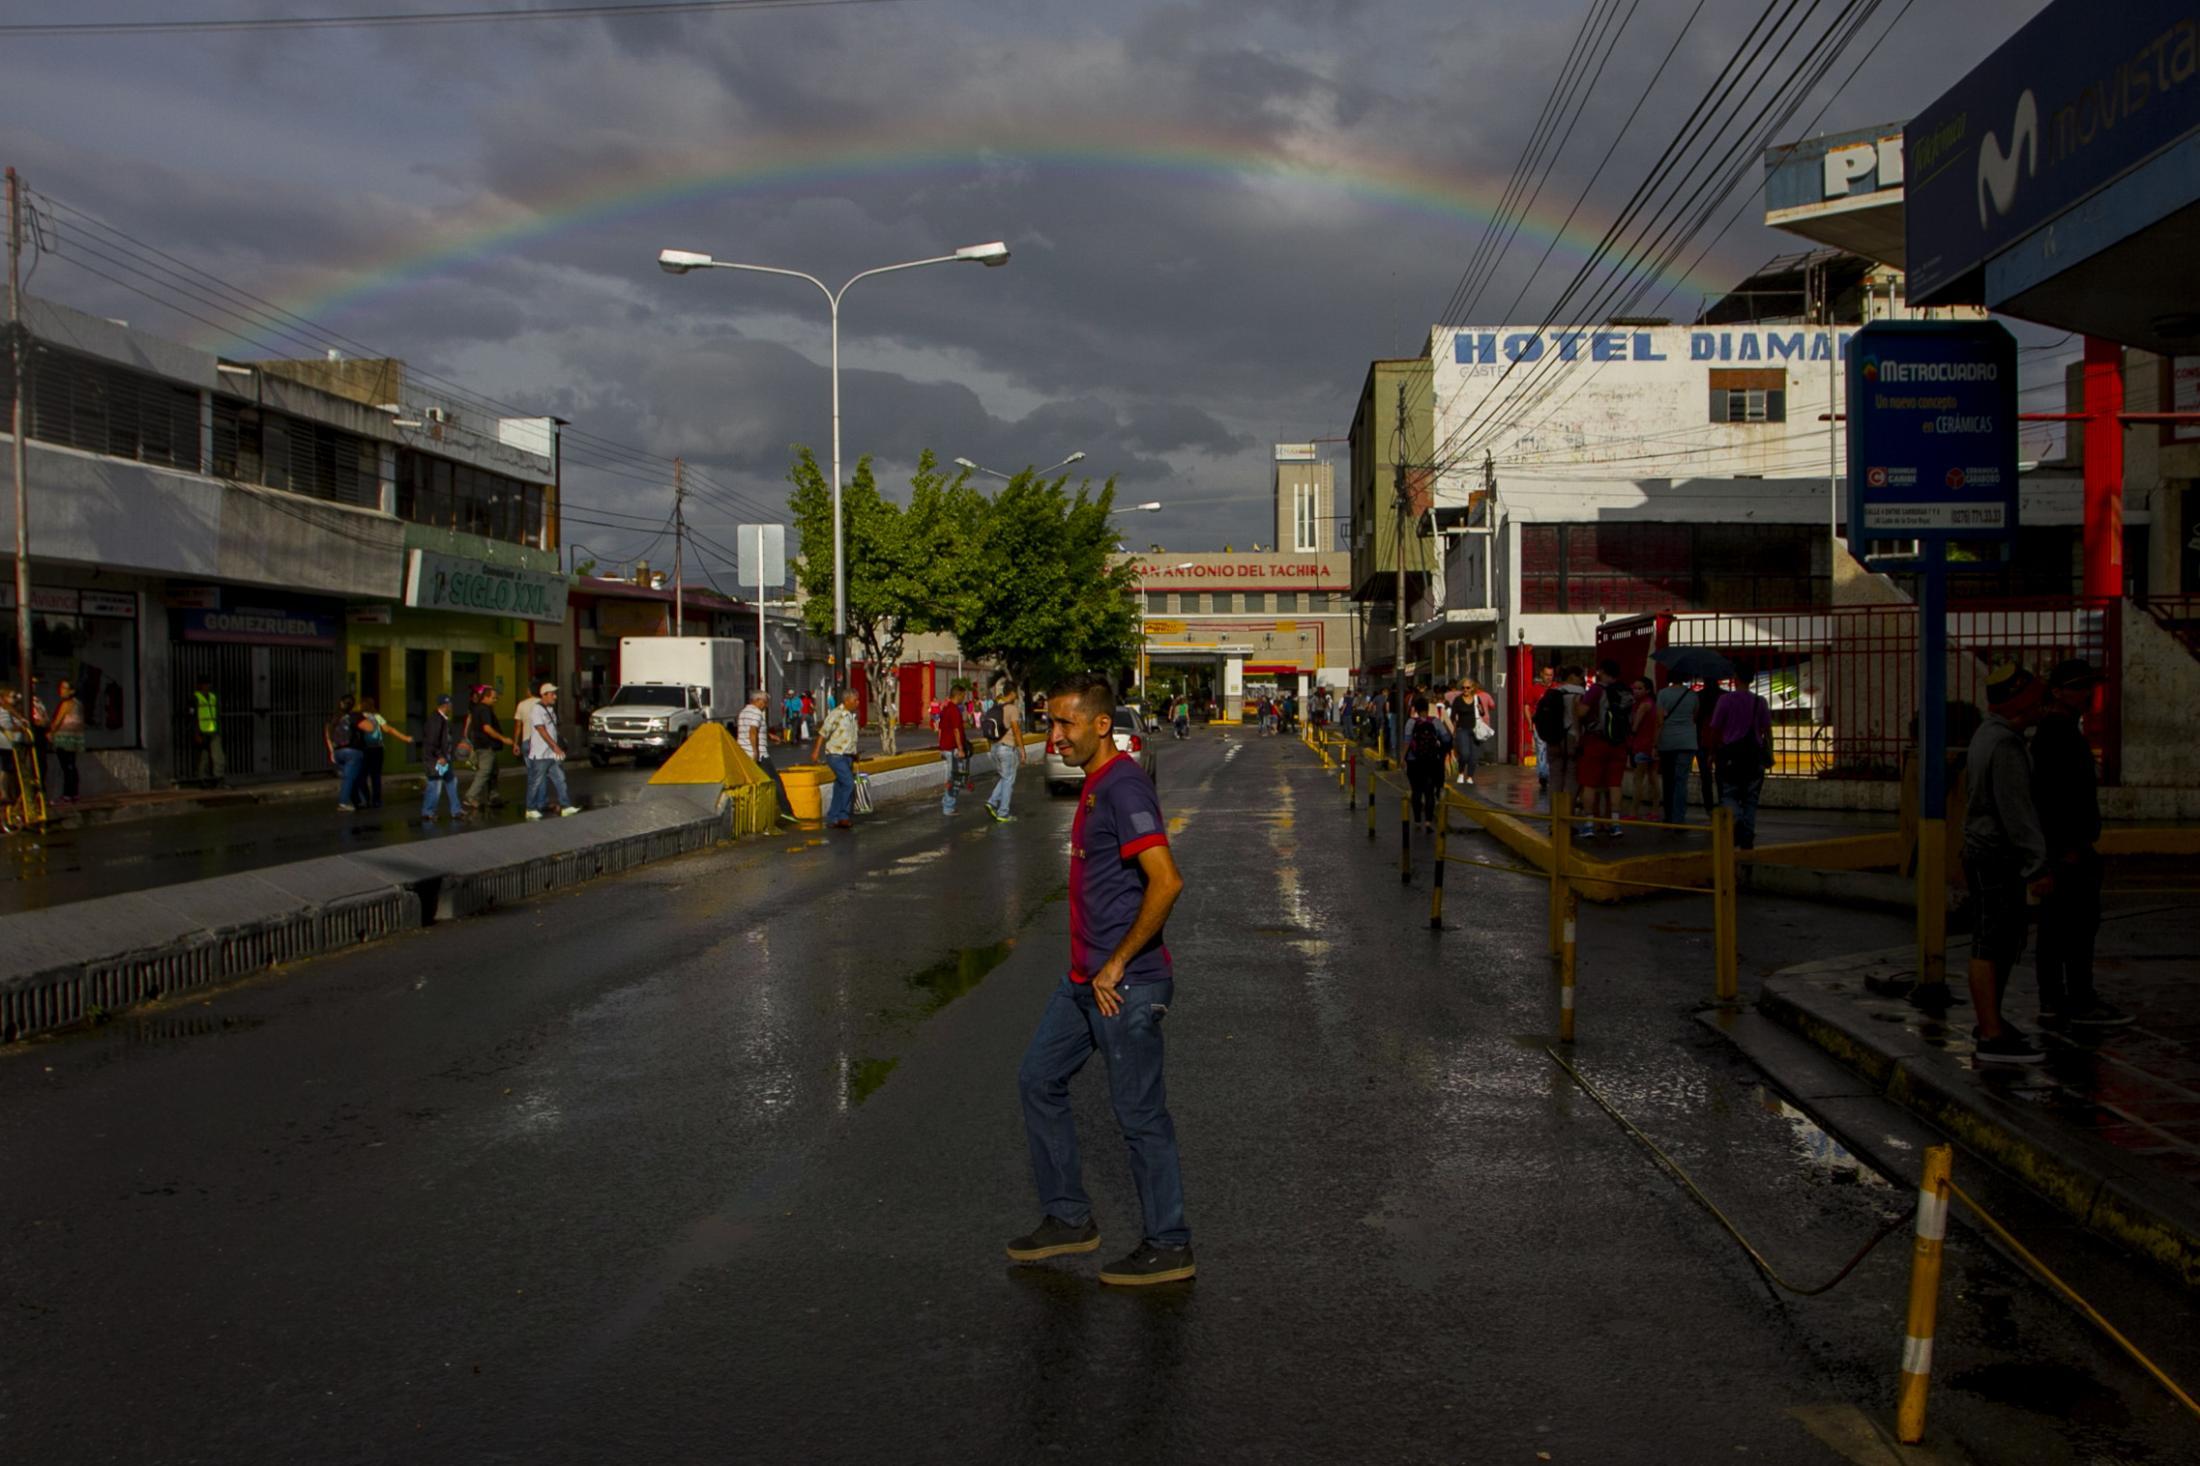 Un hombre cruza la calle frente al paso fronterizo de San Antonio del Táchira, en Venezuela, previo a cruzar a Colombia para comprar insumos básicos que no se consiguen en el país. 18/08/2016.